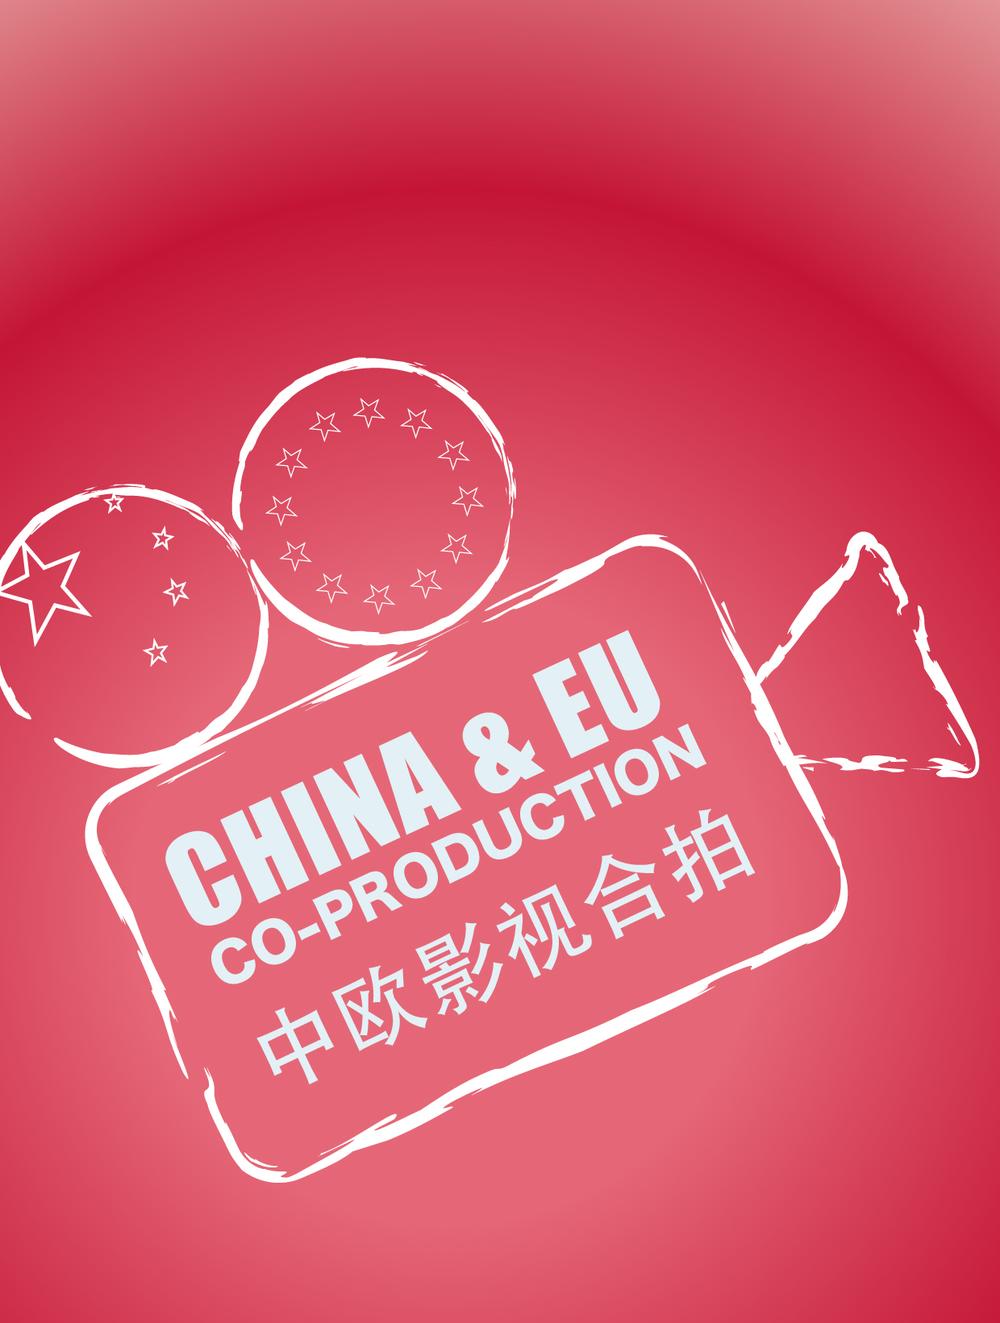 uk_china.jpg